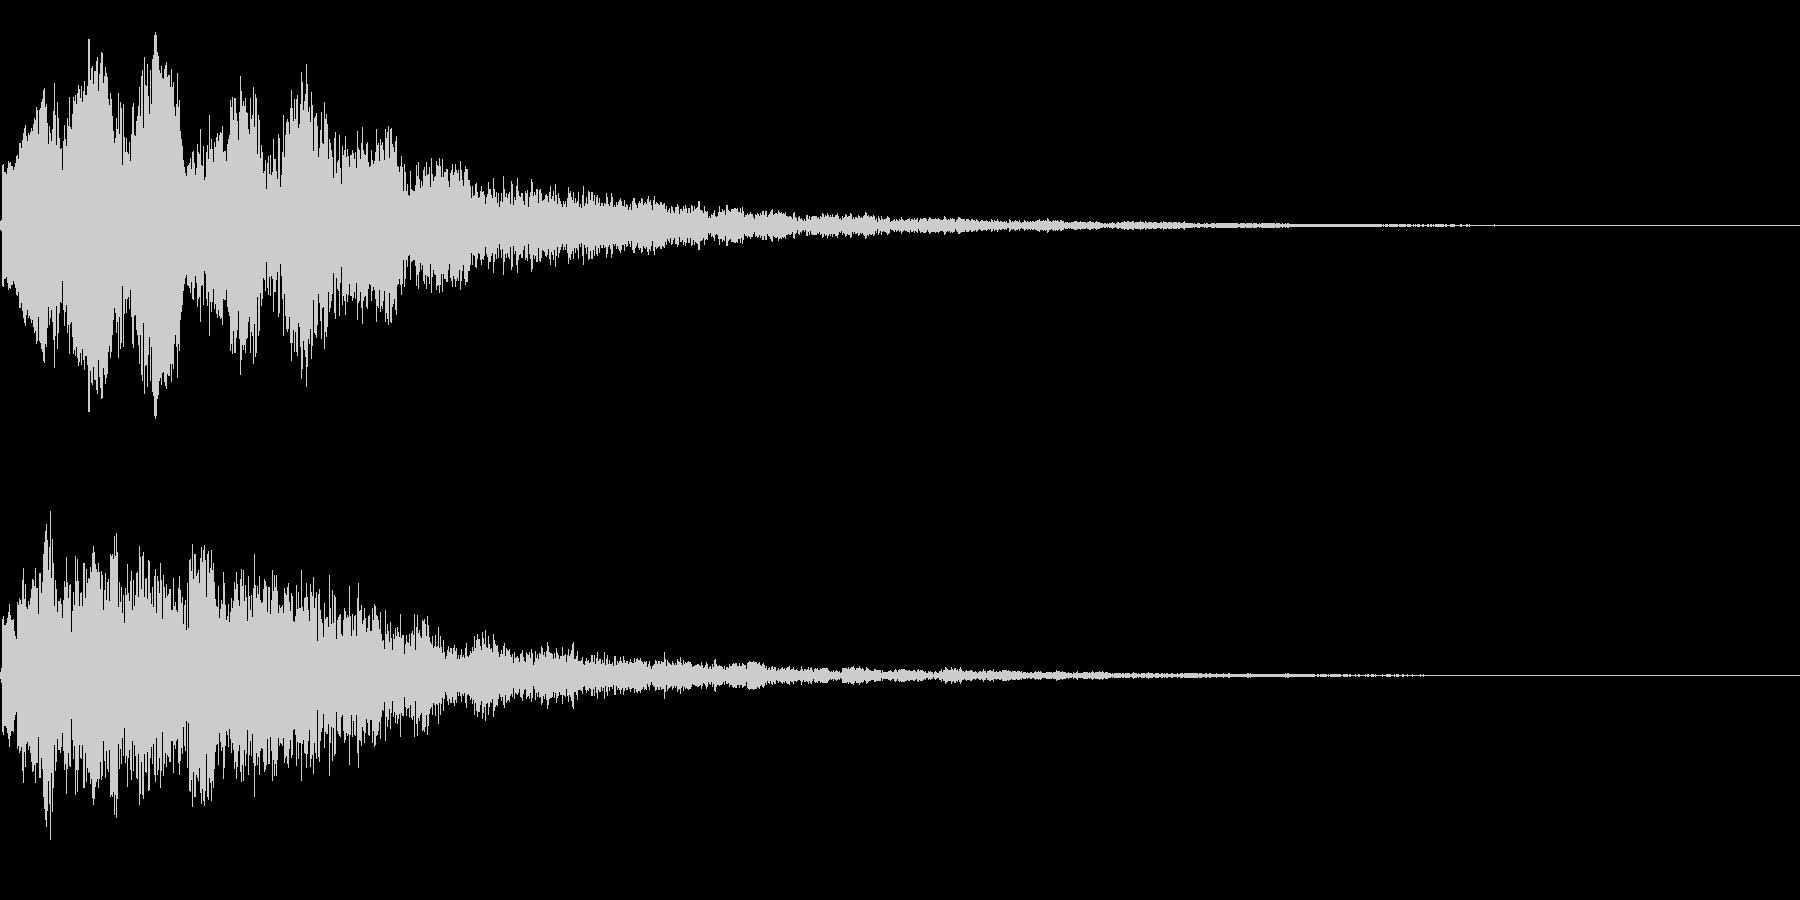 キラーン(星、光、魔法、テロップ等)3bの未再生の波形